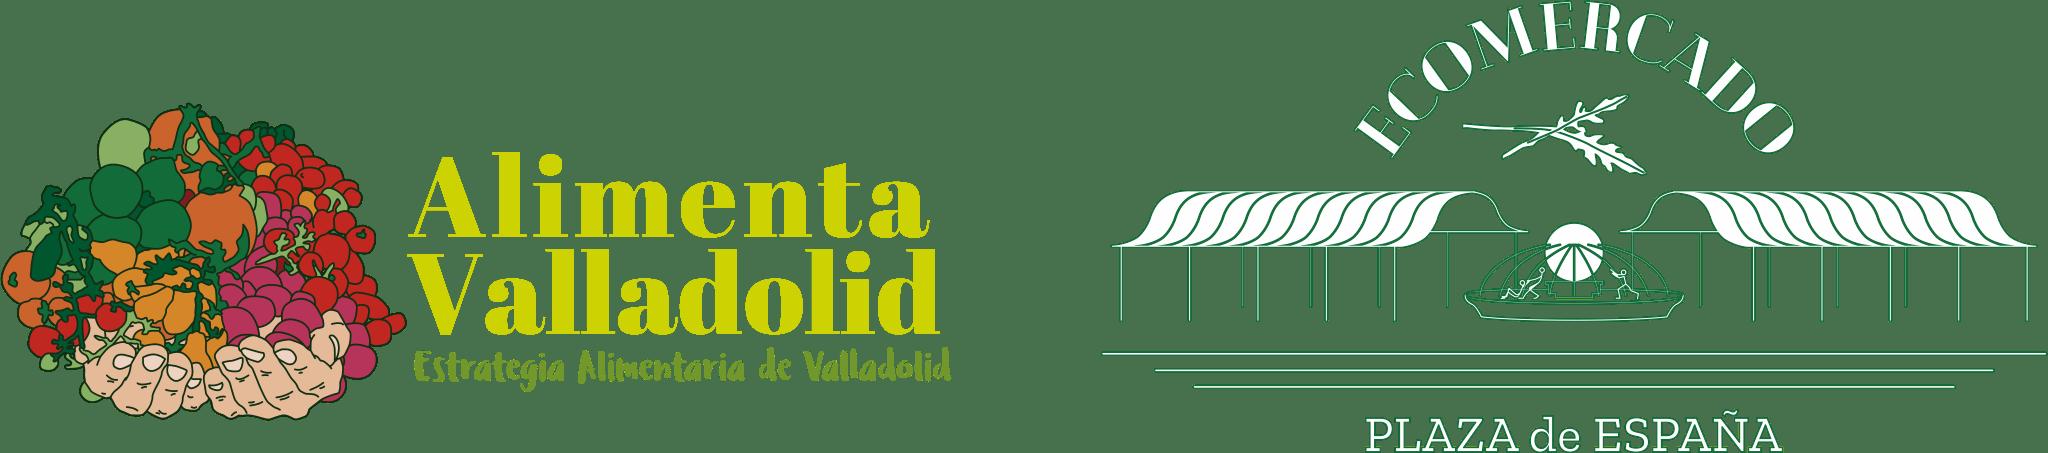 Alimenta Valladolid | Ecomercado de la Plaza de España